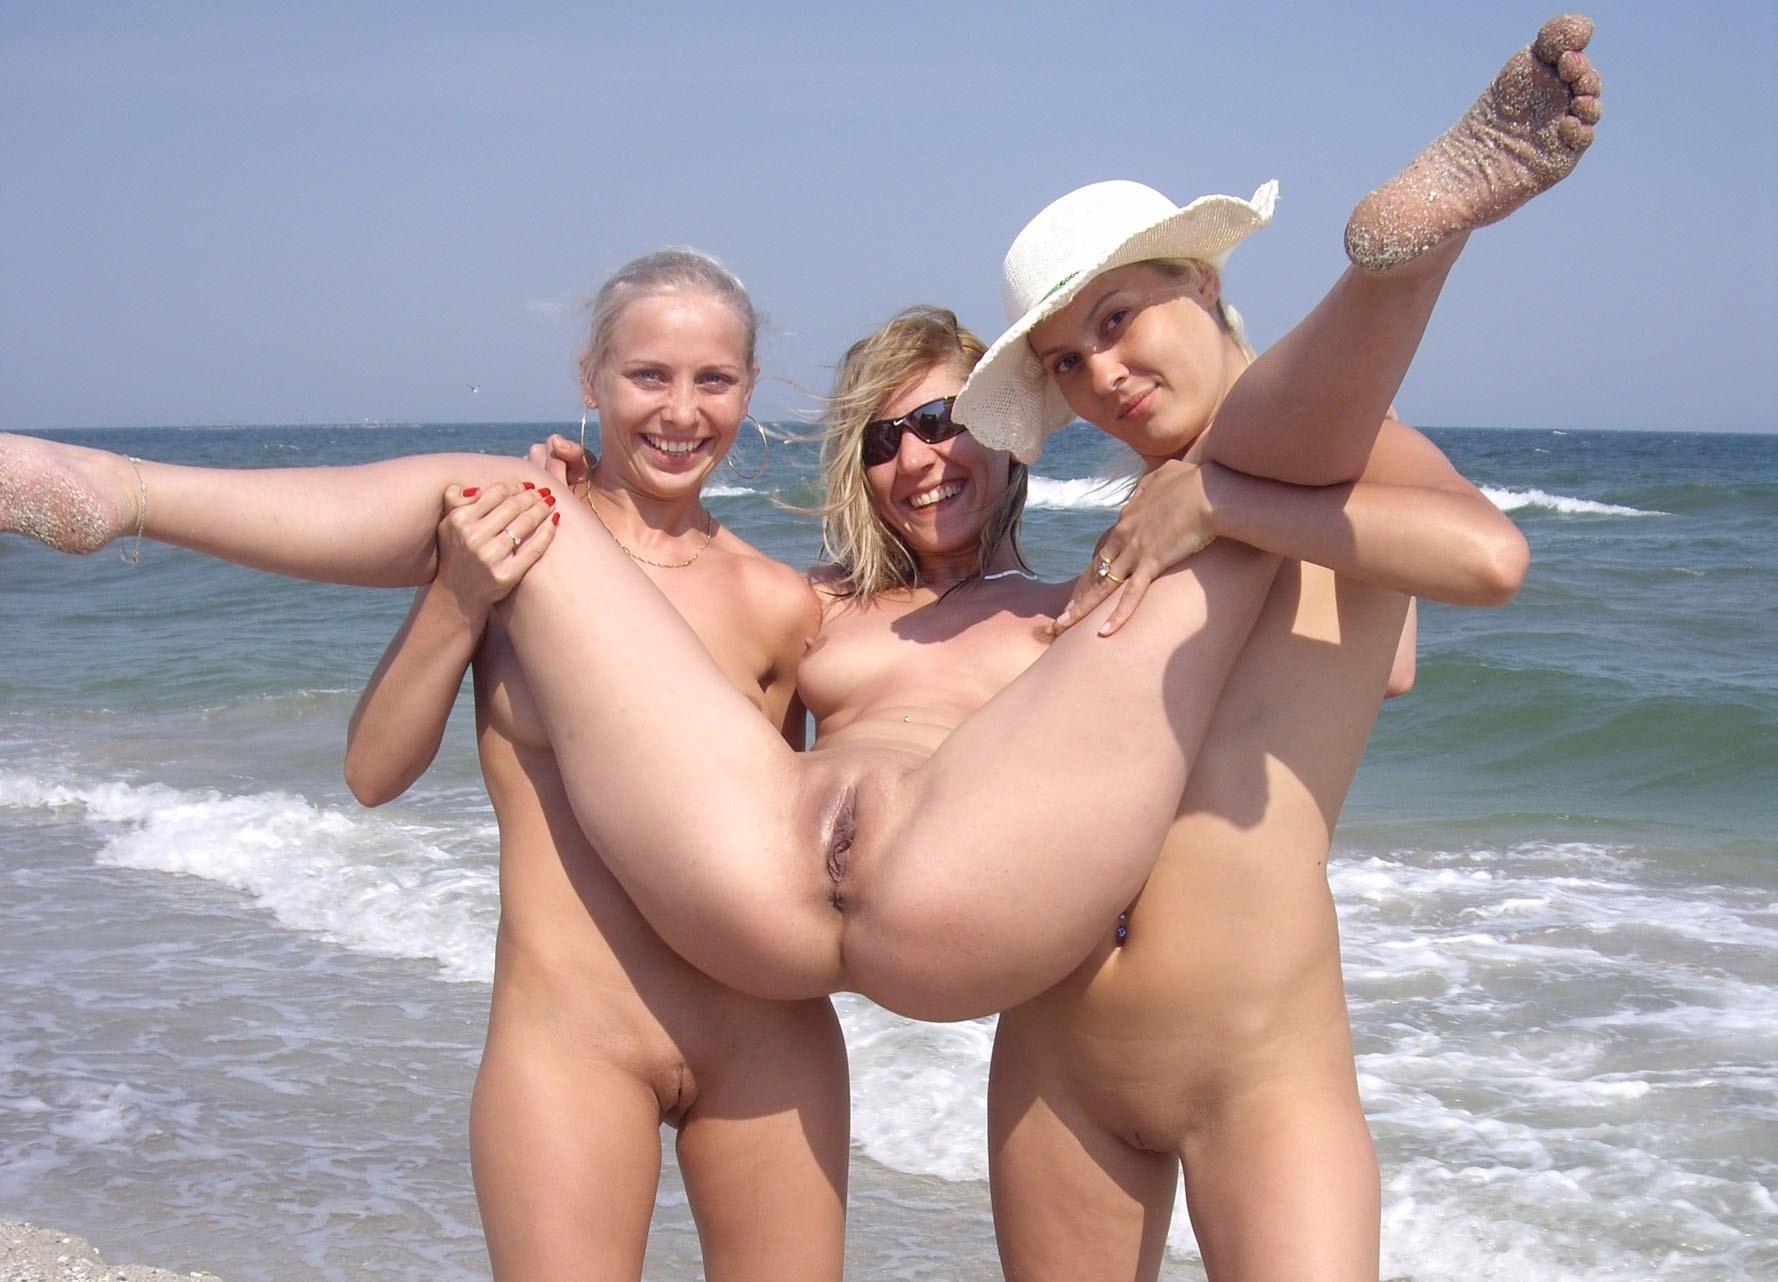 fun beach - nudebeach - sunflower22a | ello